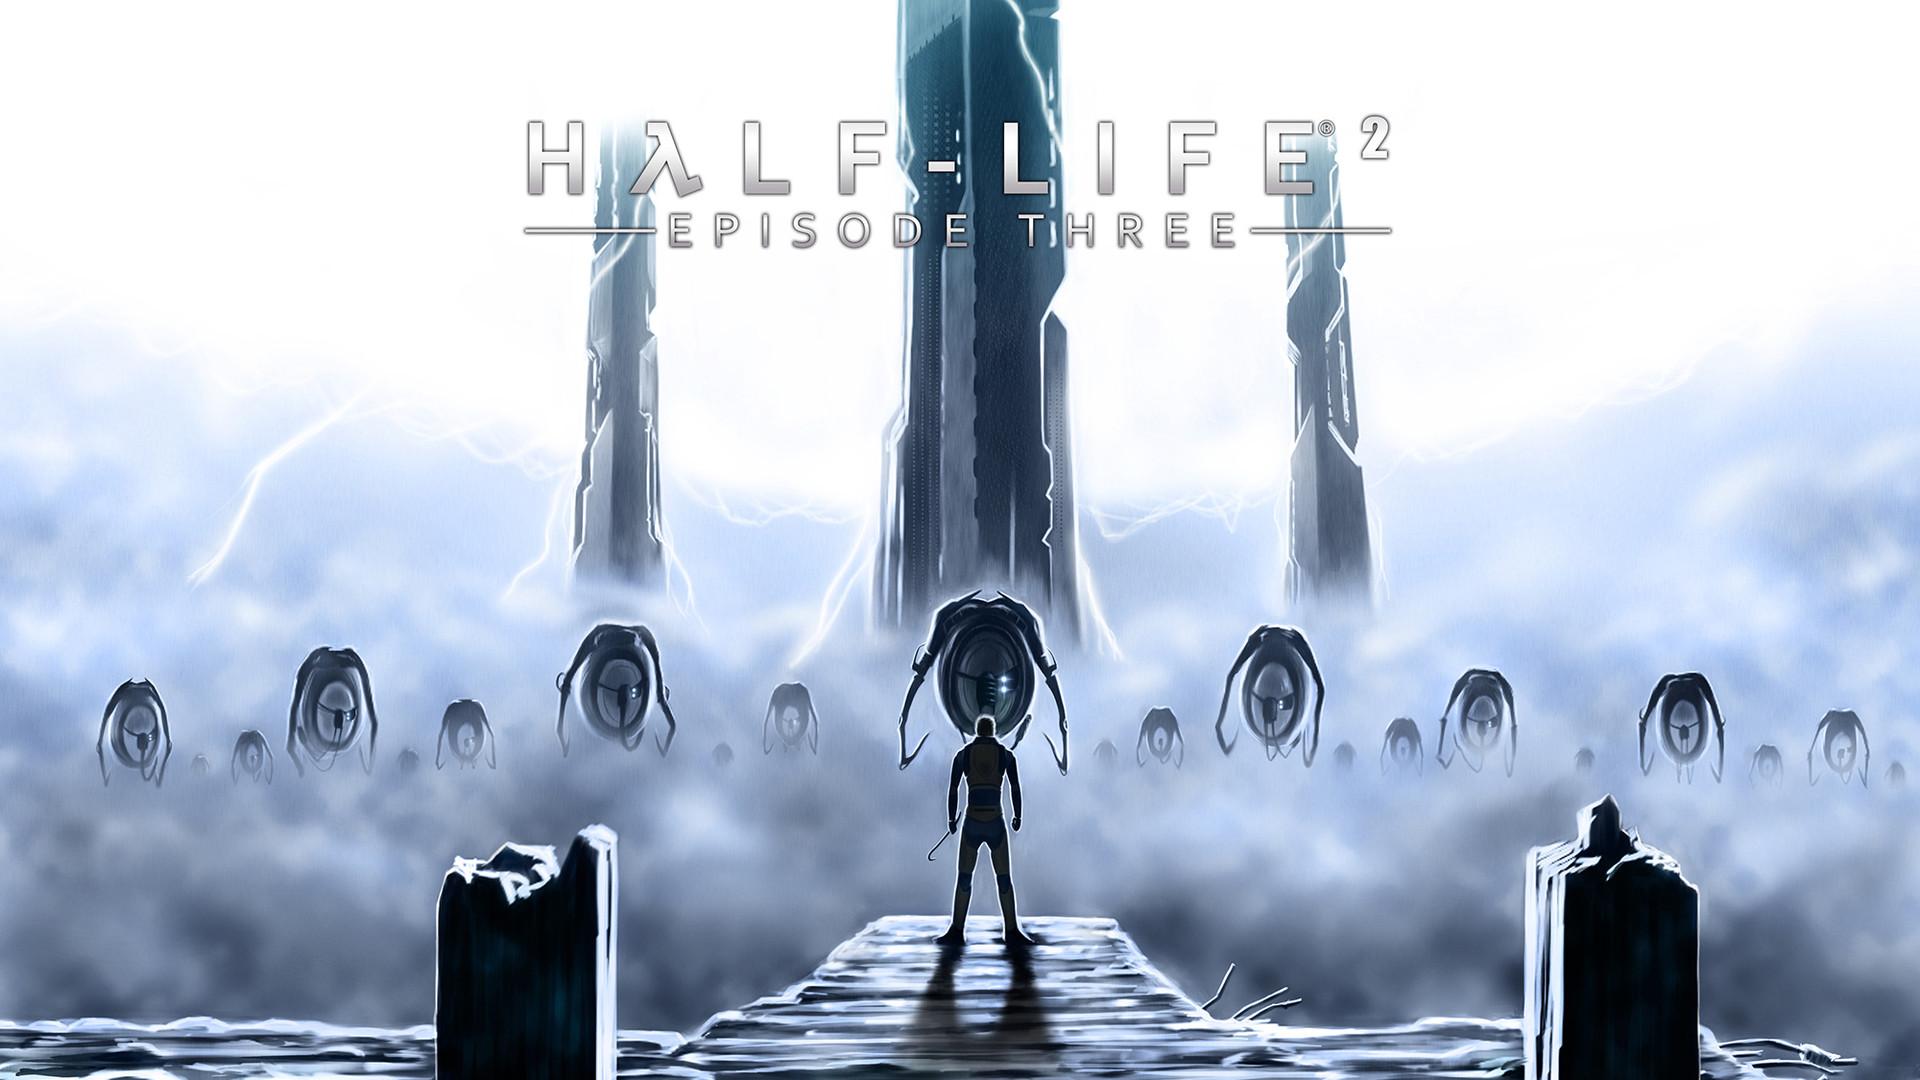 Half Life 2 Wallpaper Hd 77 Images